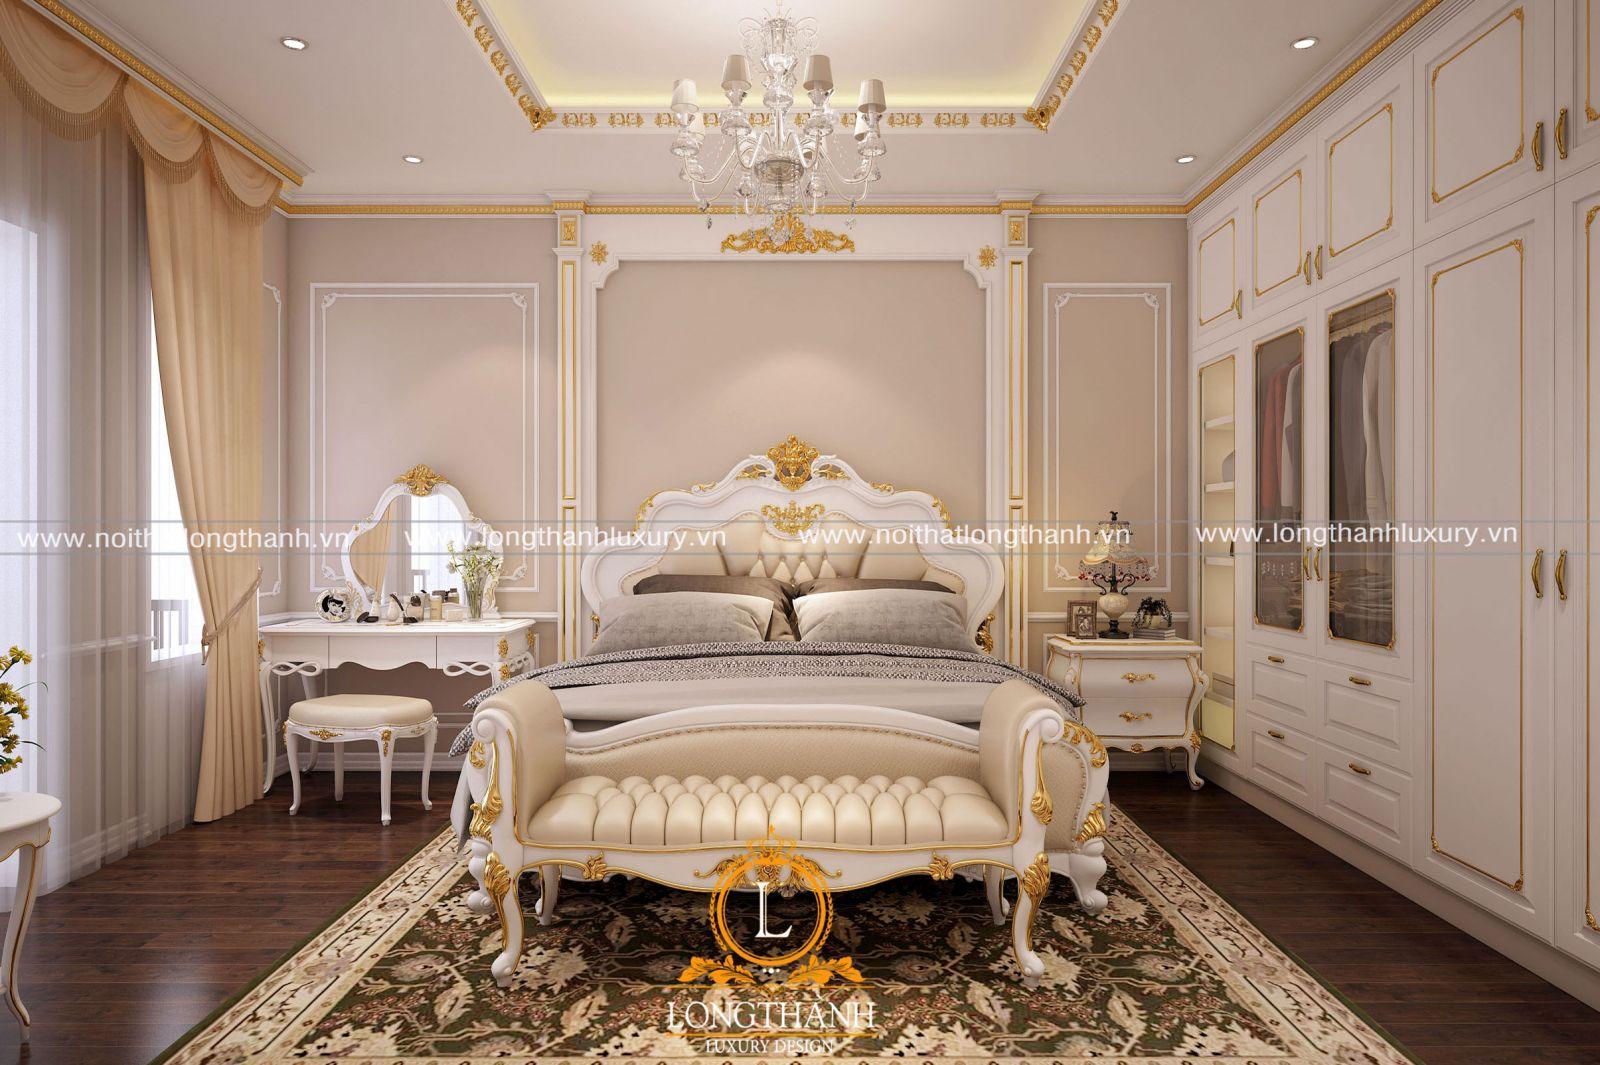 Thiết kế phòng ngủ biệt thự song lập tân cổ điển với nhiều chất liệu khác nhau